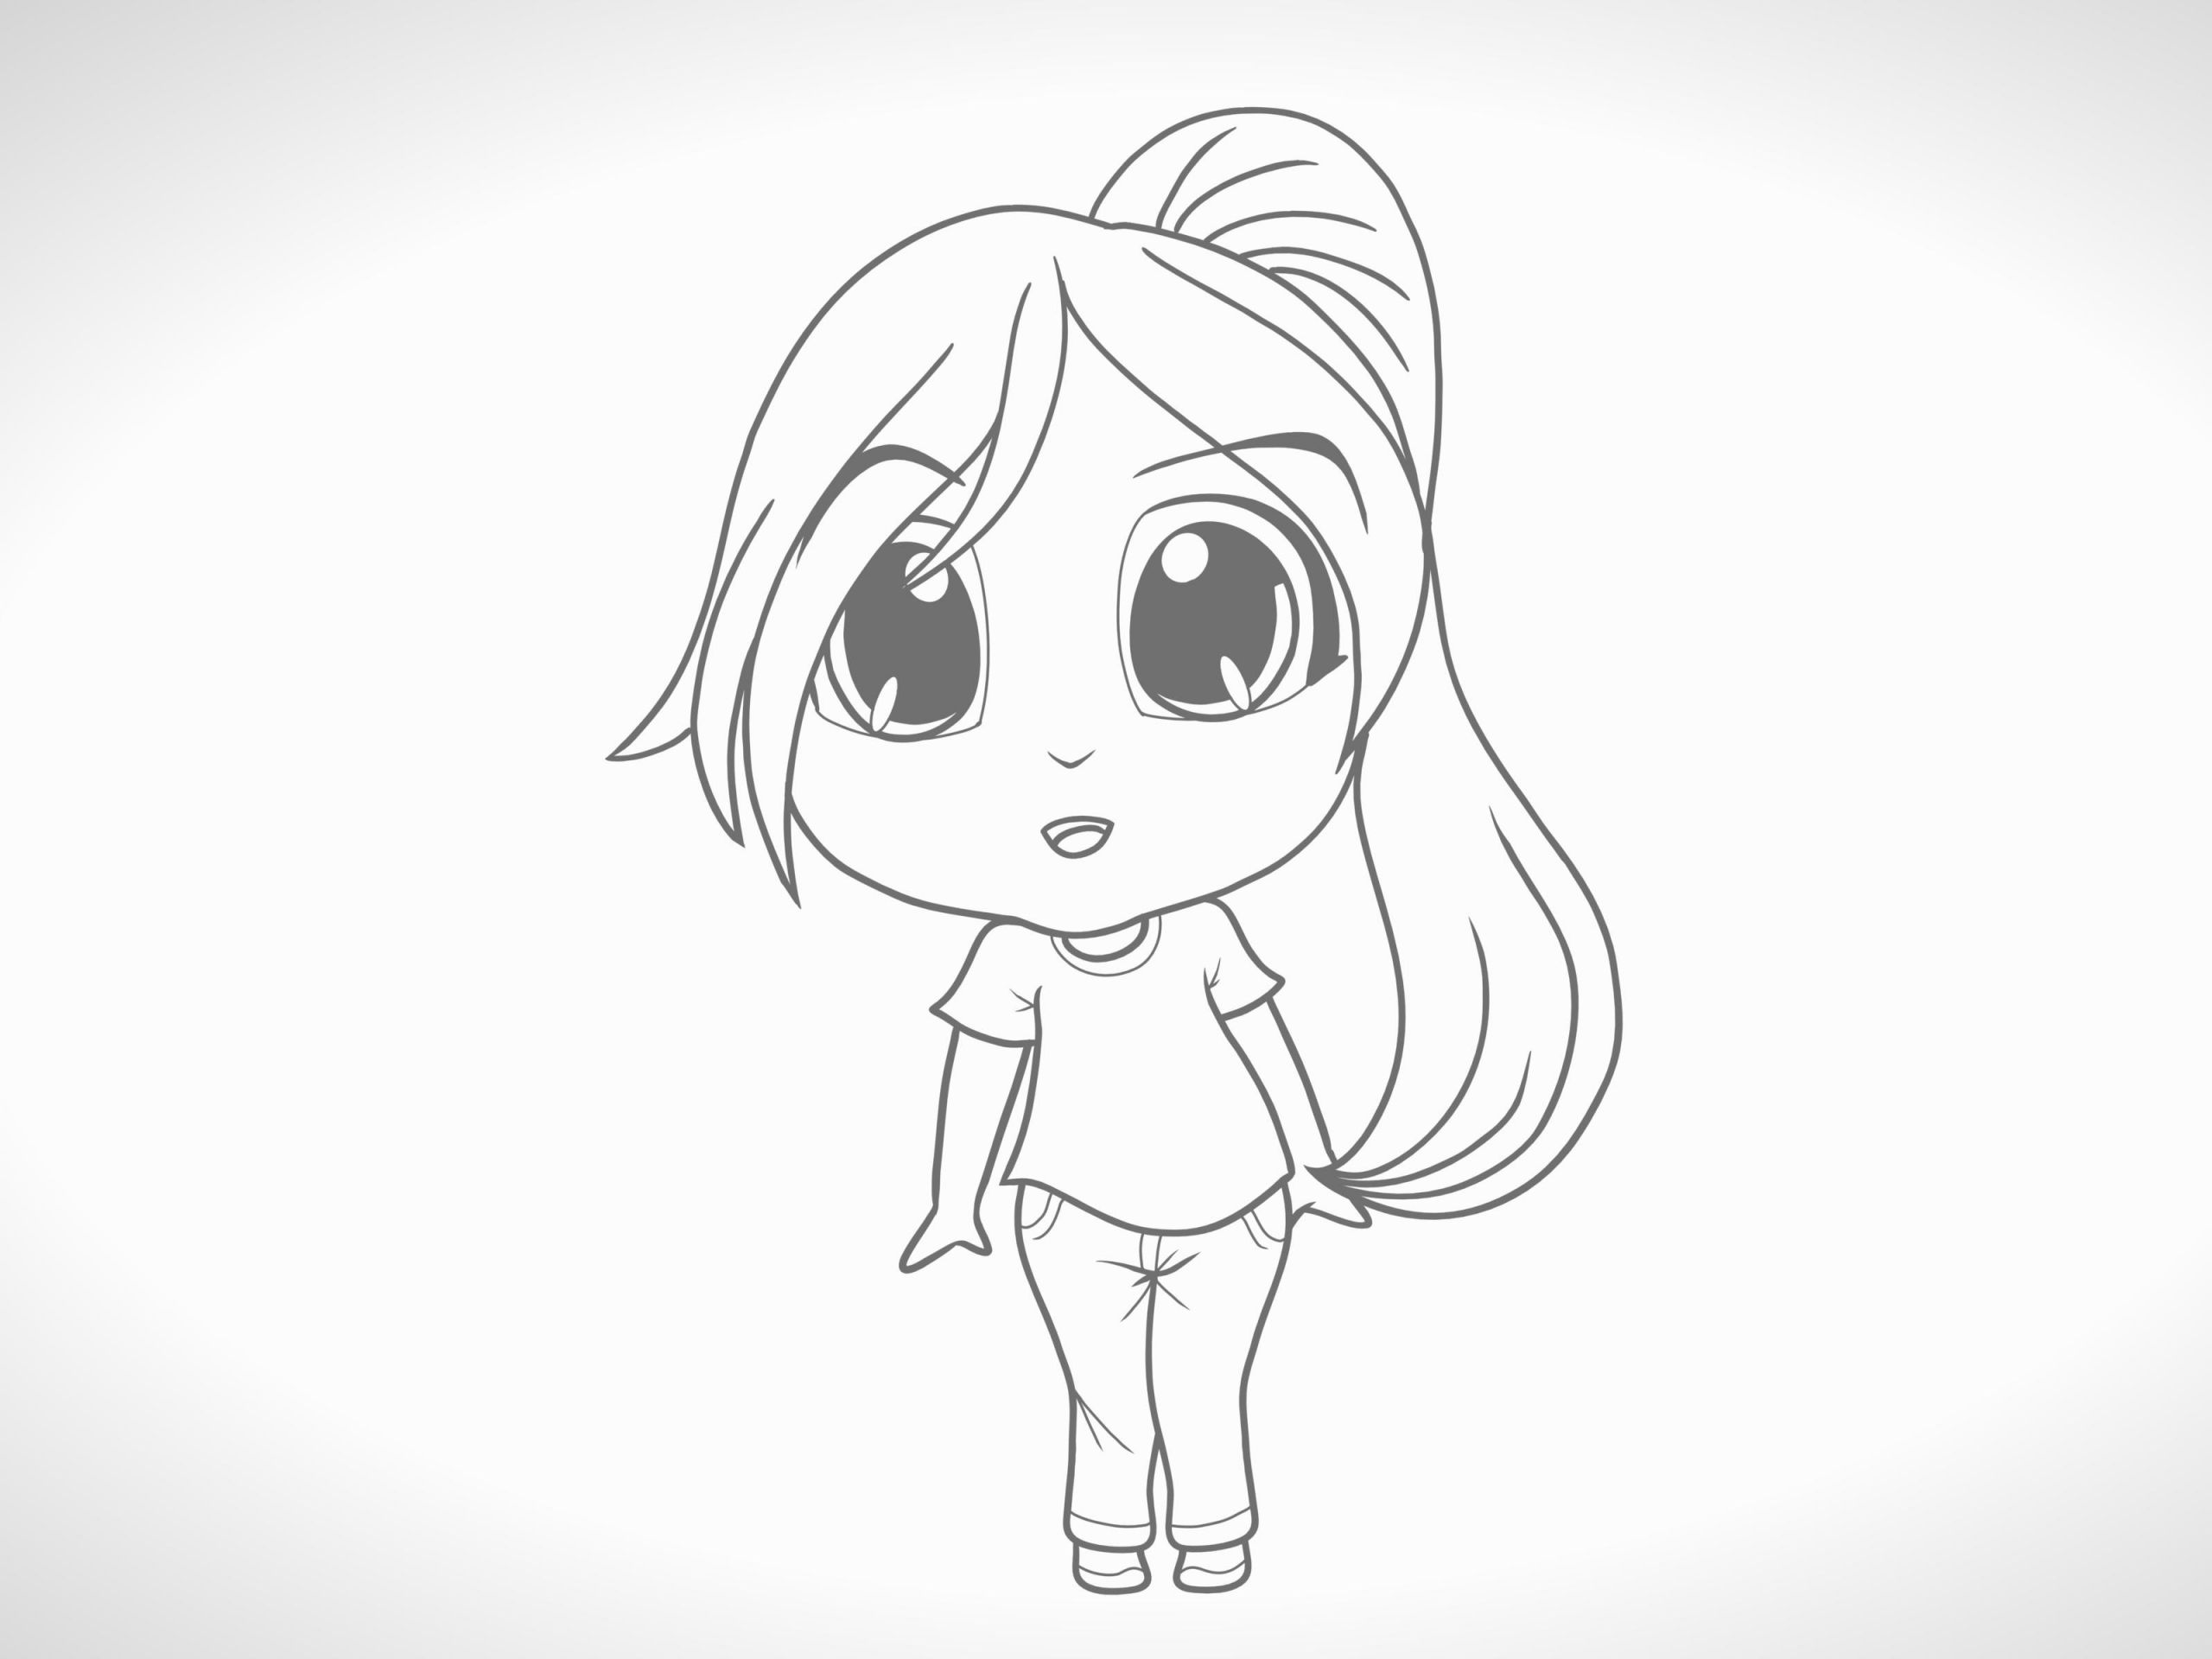 How to Draw Anime Girl Mouth Eine Chibi Figur Zeichnen 12 Schritte Mit Bildern Wikihow